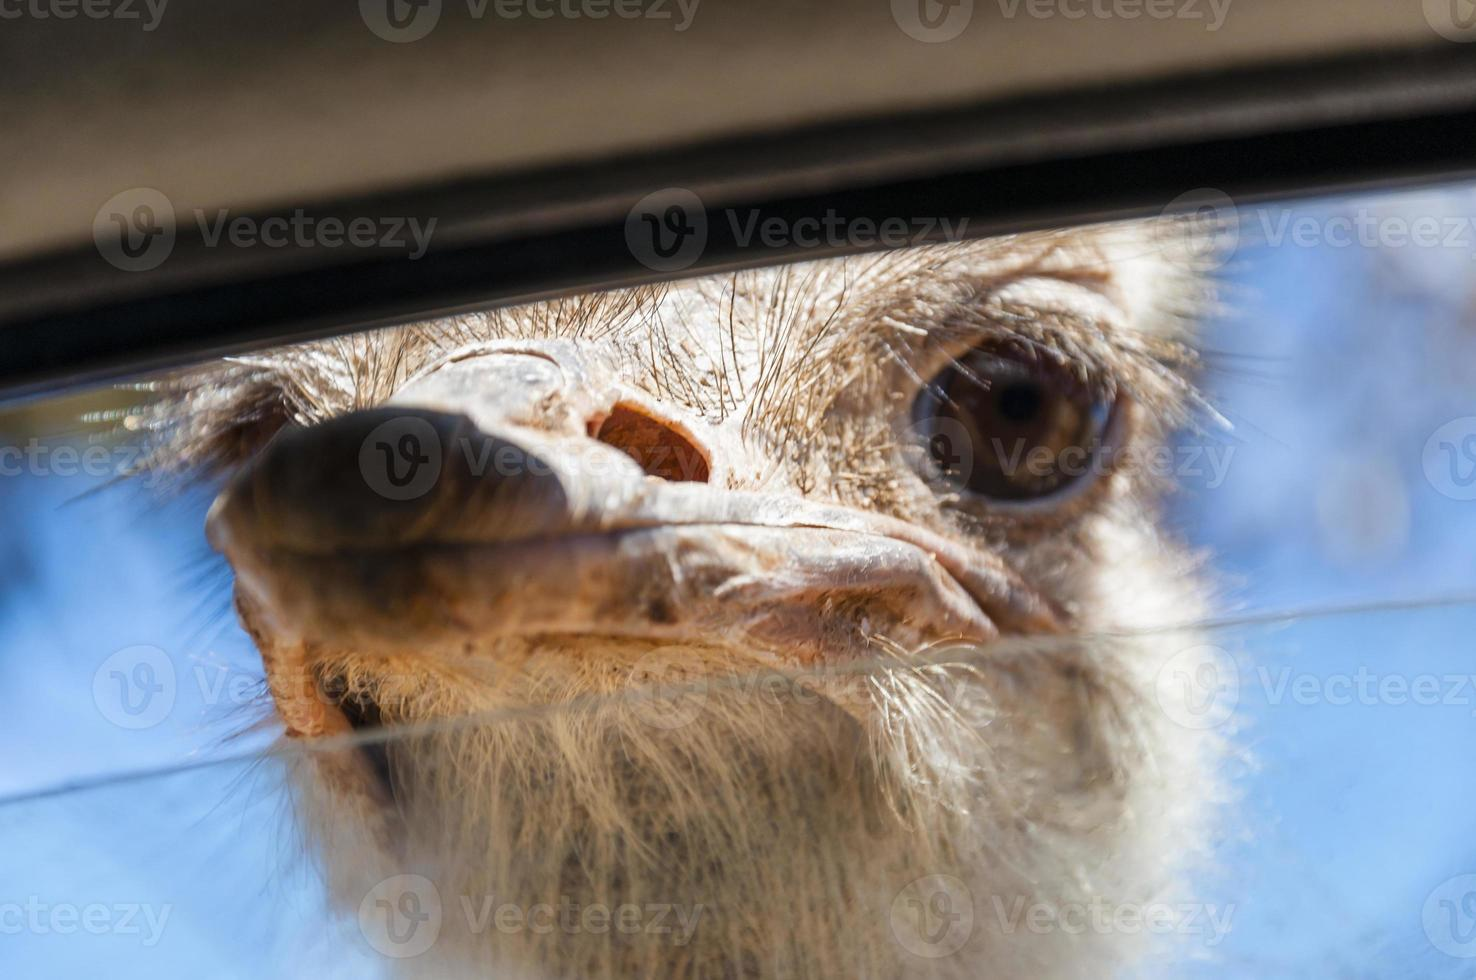 autruche sauvage perce son bec dans la fenêtre photo